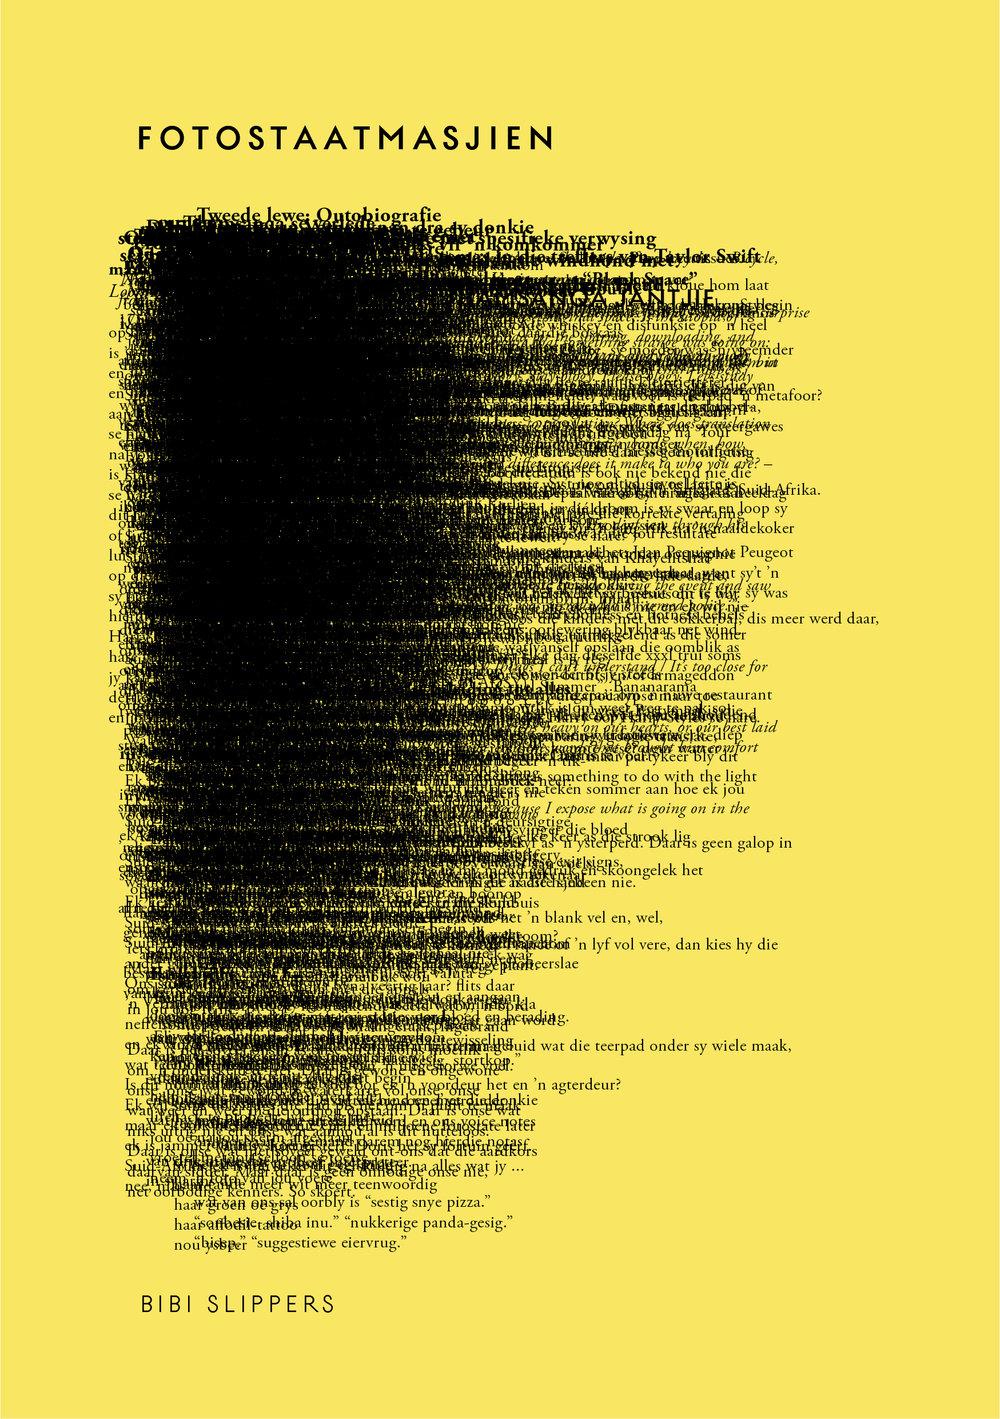 Bibi Slippers - Fotostaatmasjien Cover.jpg